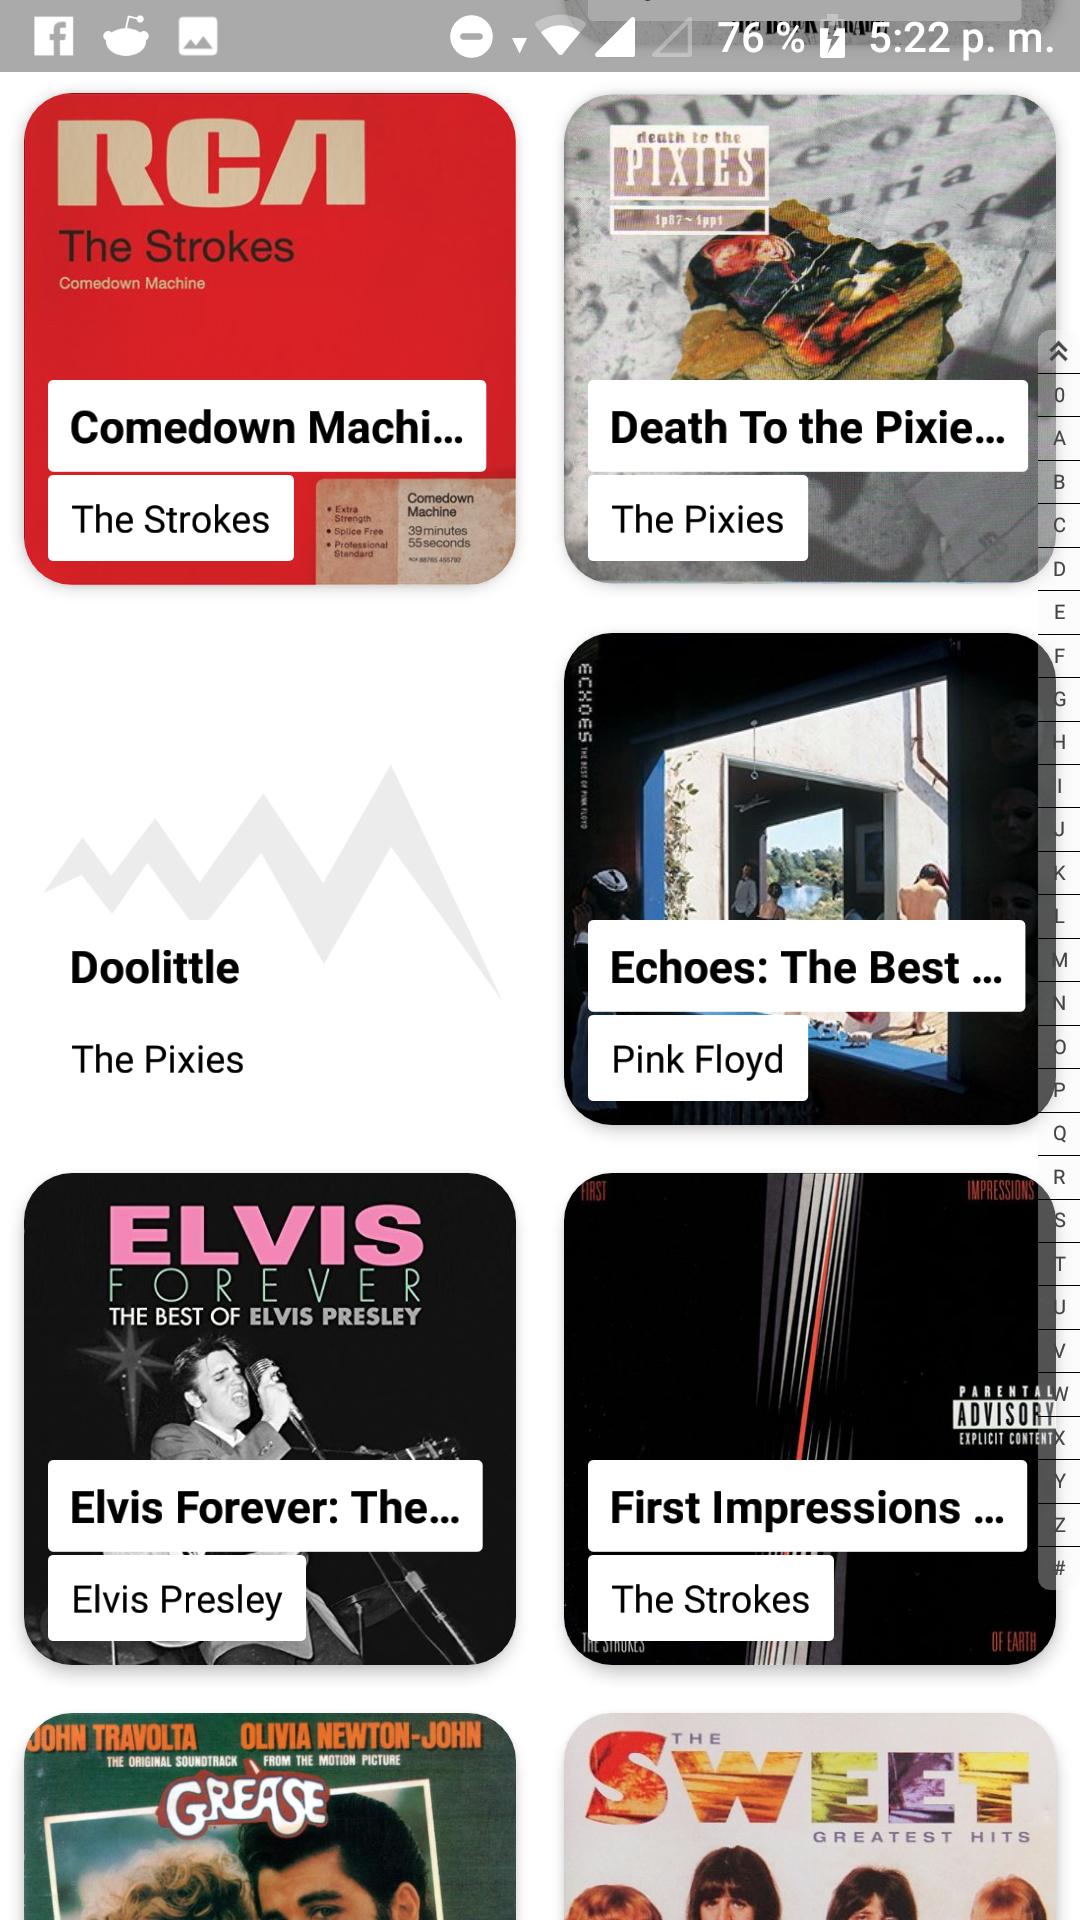 Nueva interfaz para los álbumes